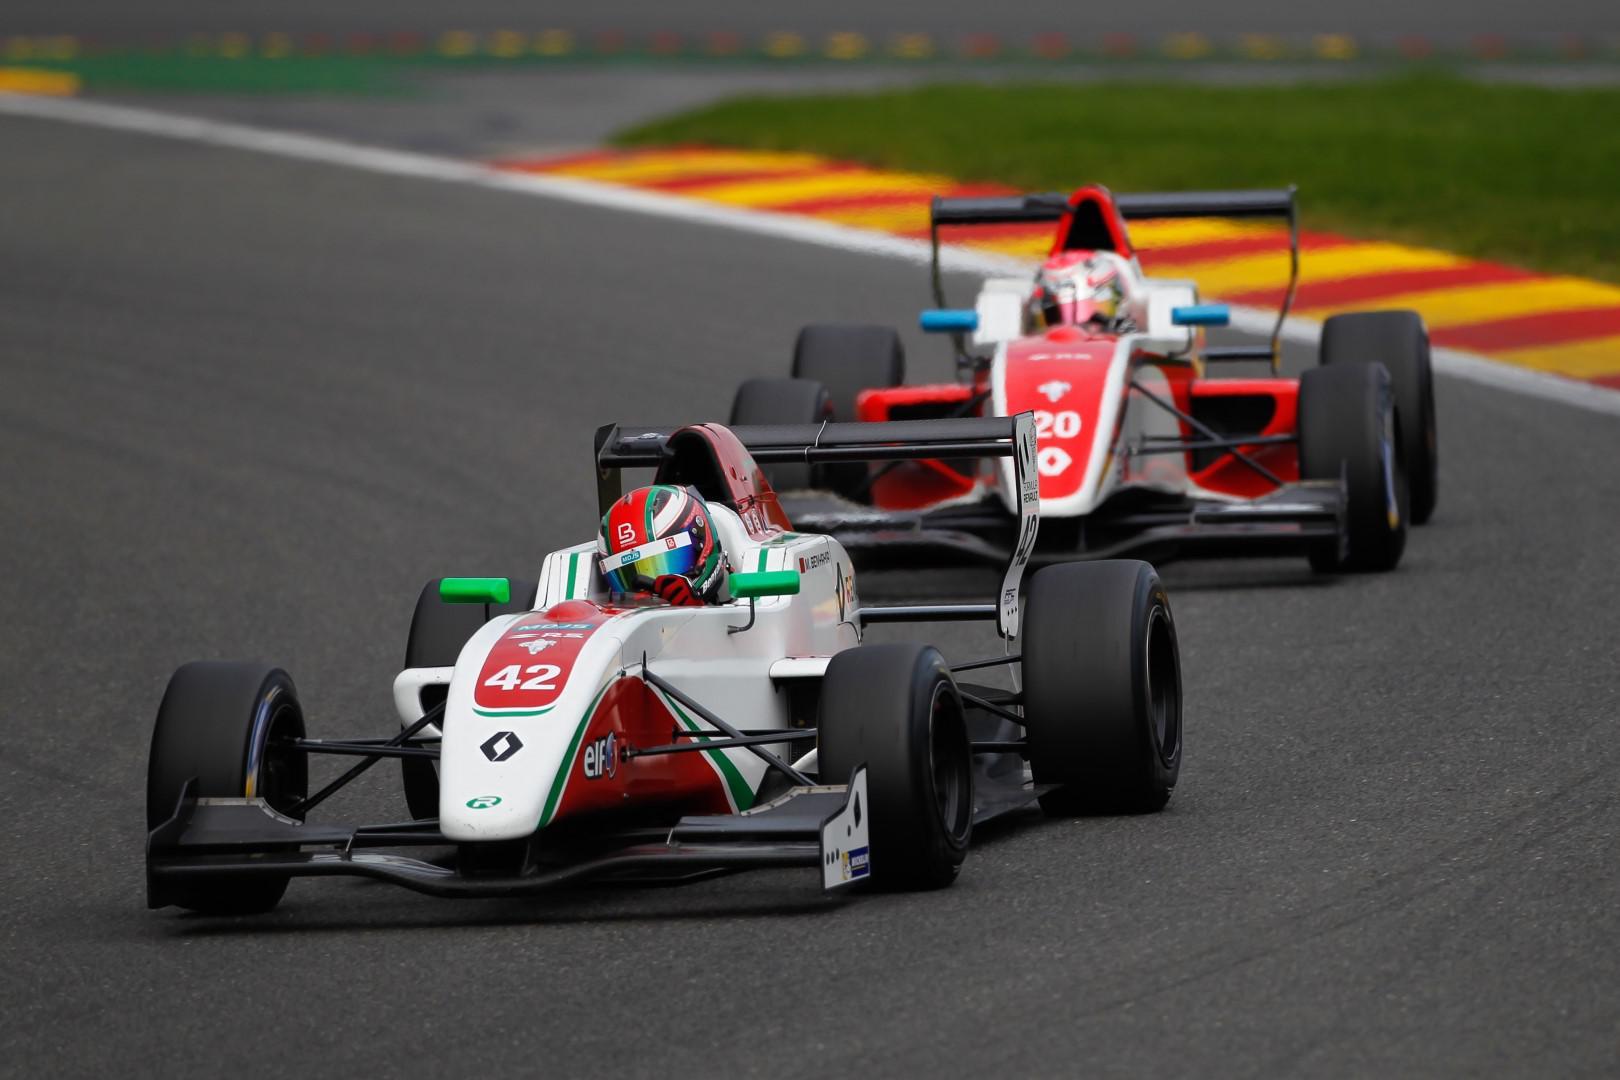 2eme-au-championnat-le-marocain-benyahia-se-replace-dans-la-course-au-titre-nec-formule-renault-2-0-425-6.jpg